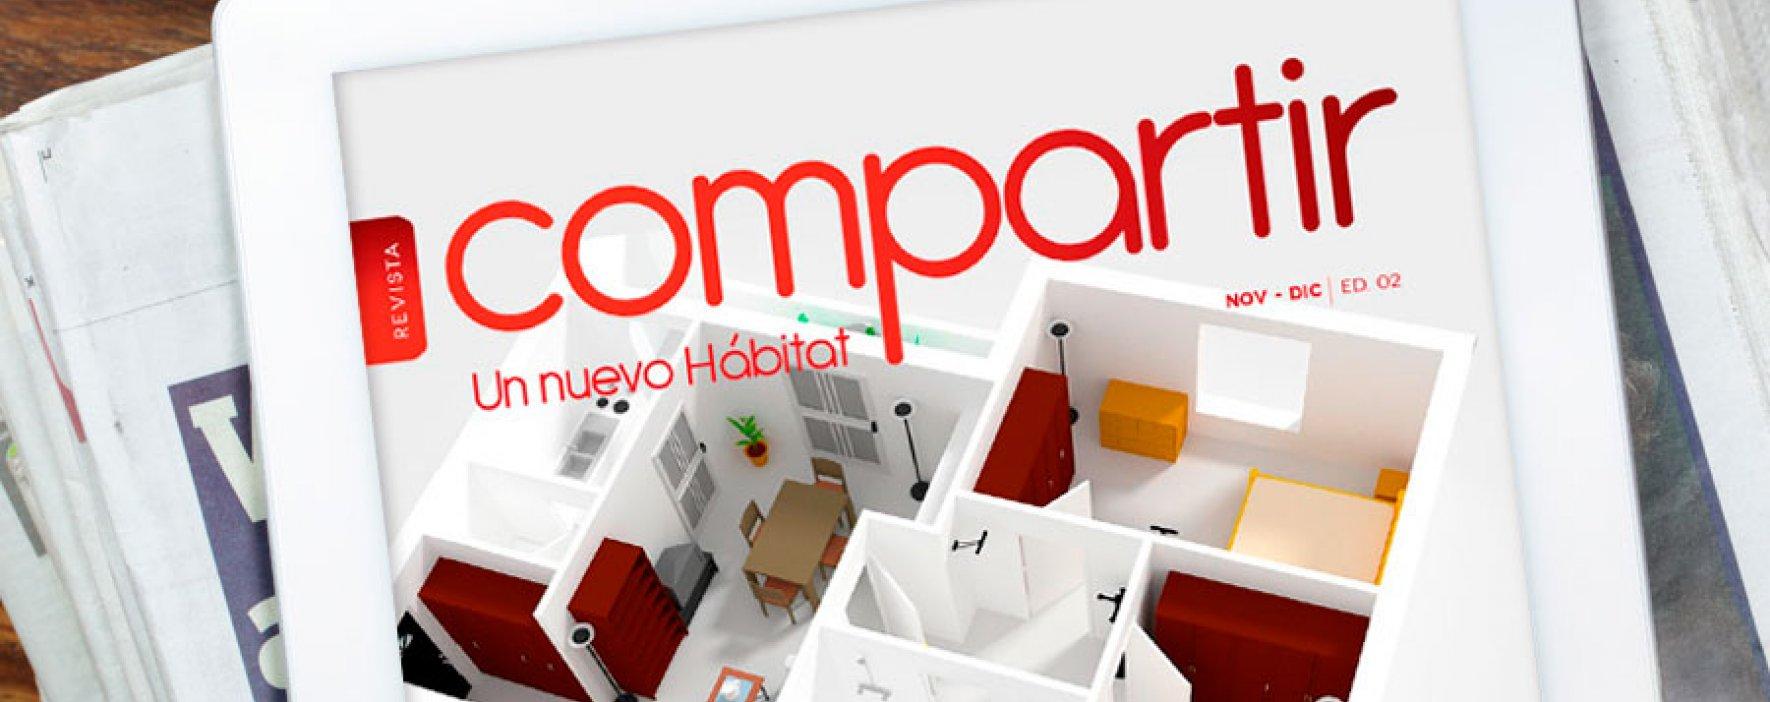 Edición n°2 de la revista Compartir, un nuevo Hábitat